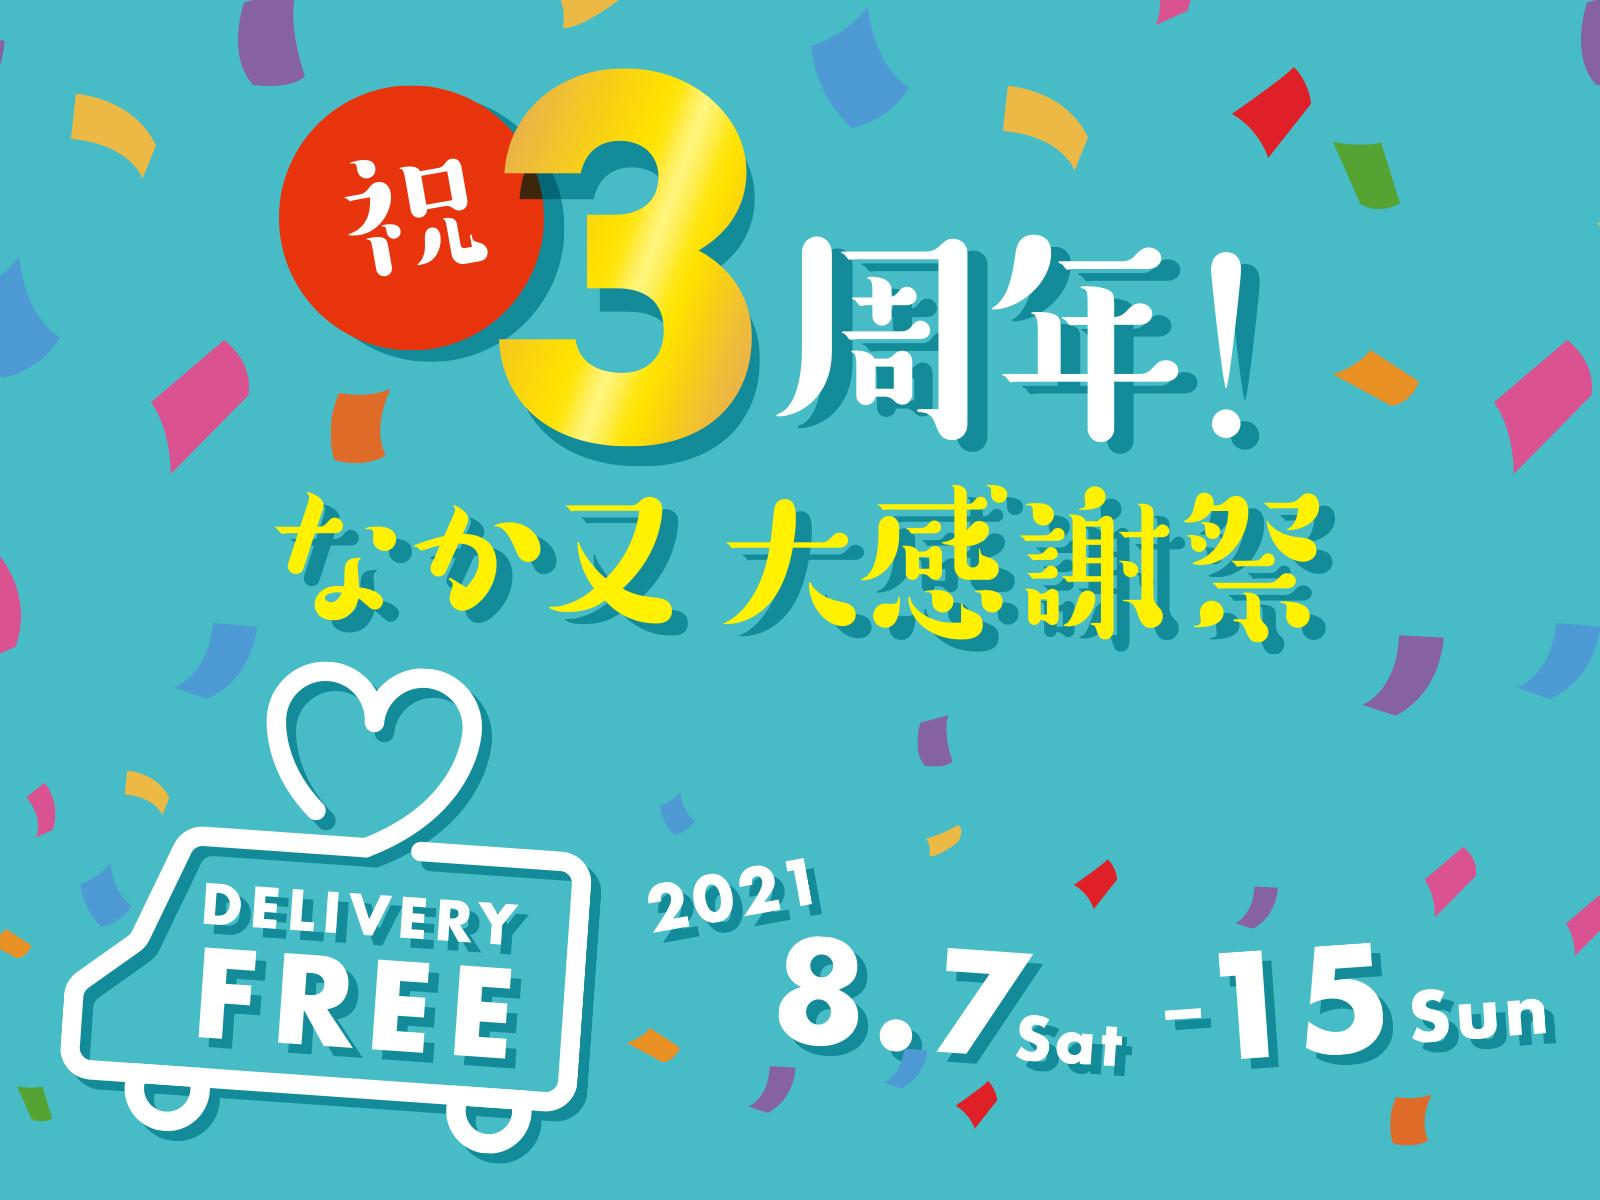 【お知らせ】祝3周年オンラインストア送料全額負担キャンペーン【2021月8月15日(日)まで】